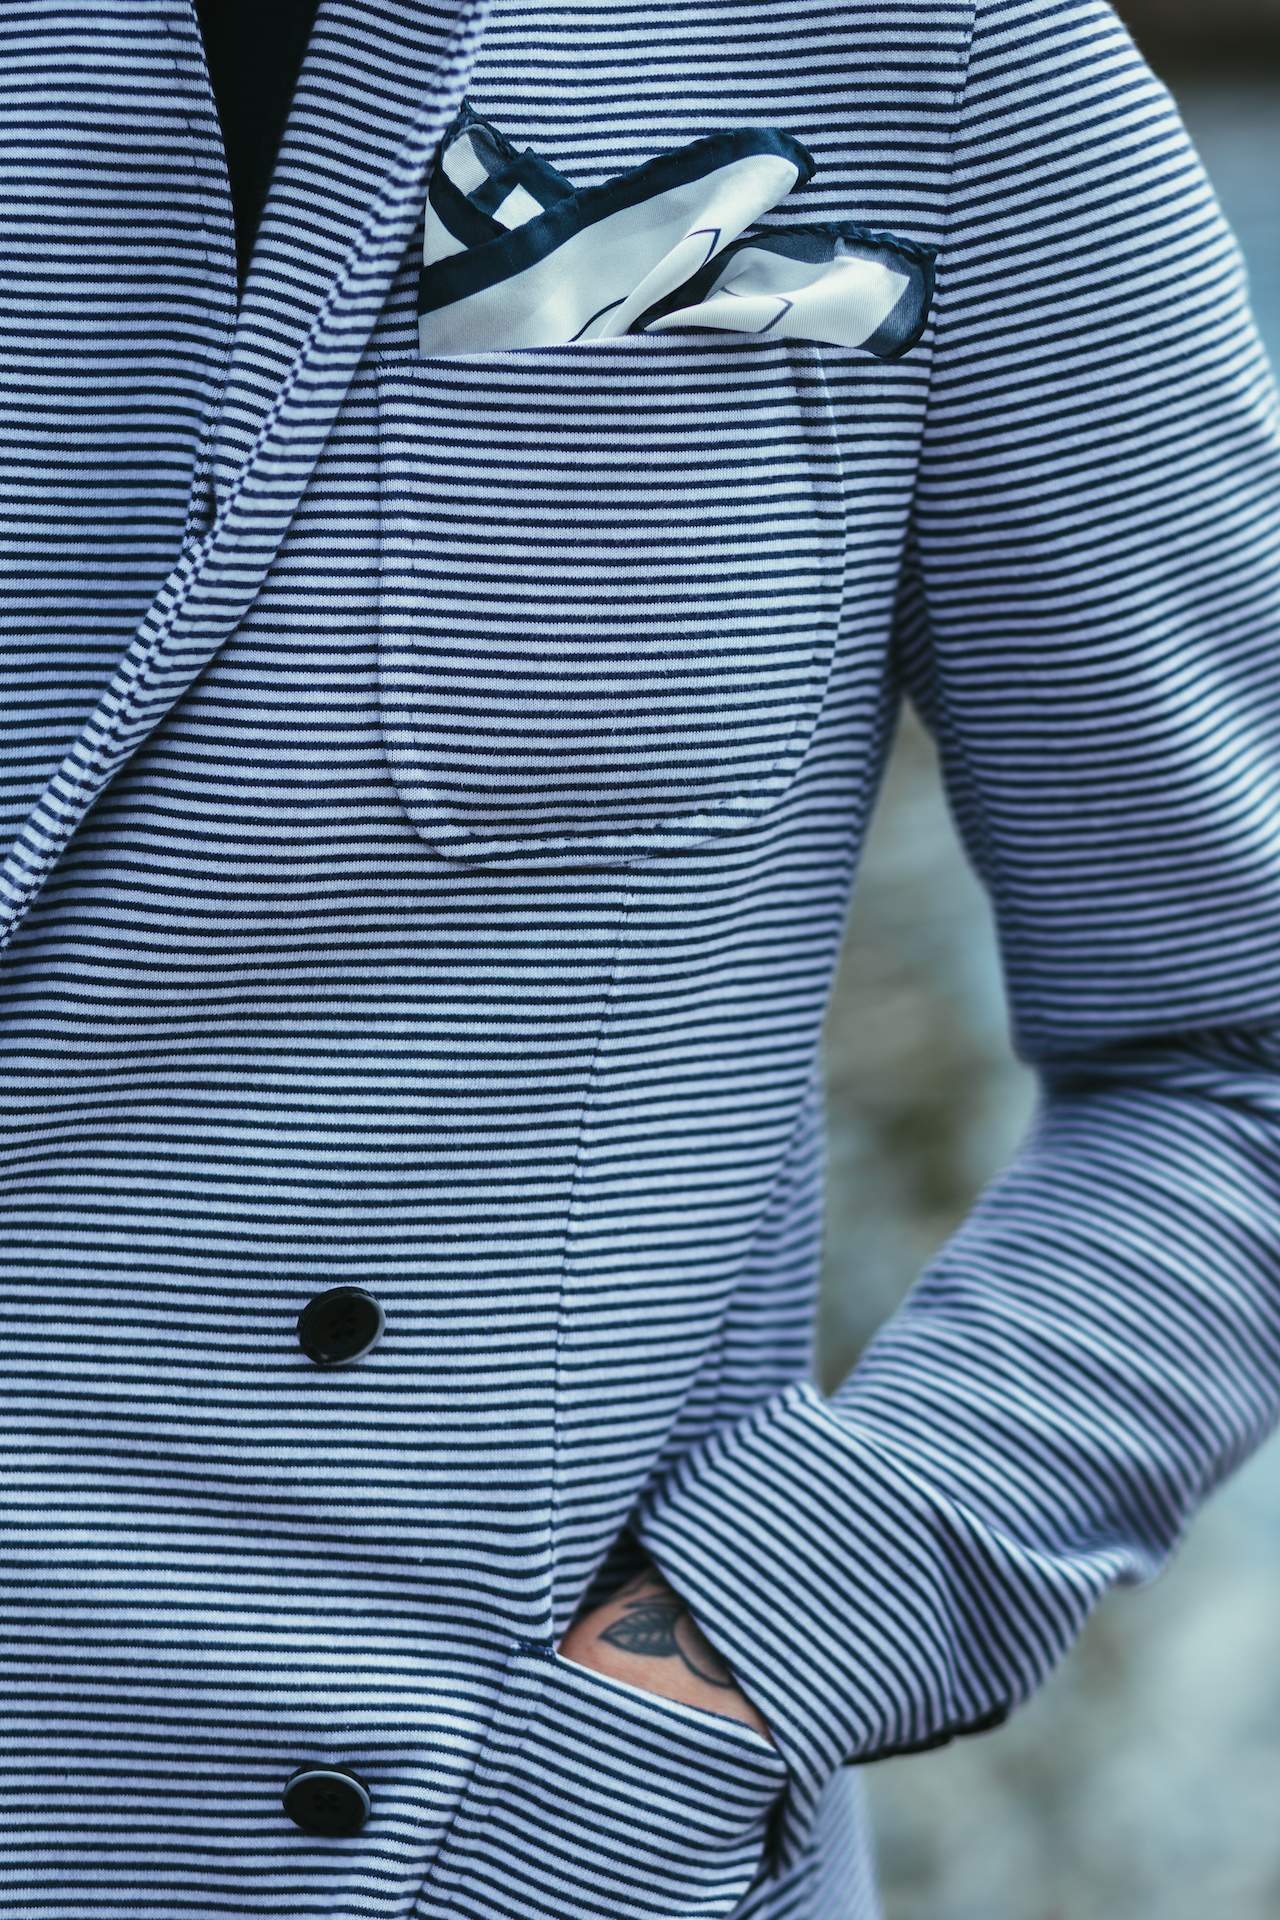 Miesten pukeutuminen - värien käyttö